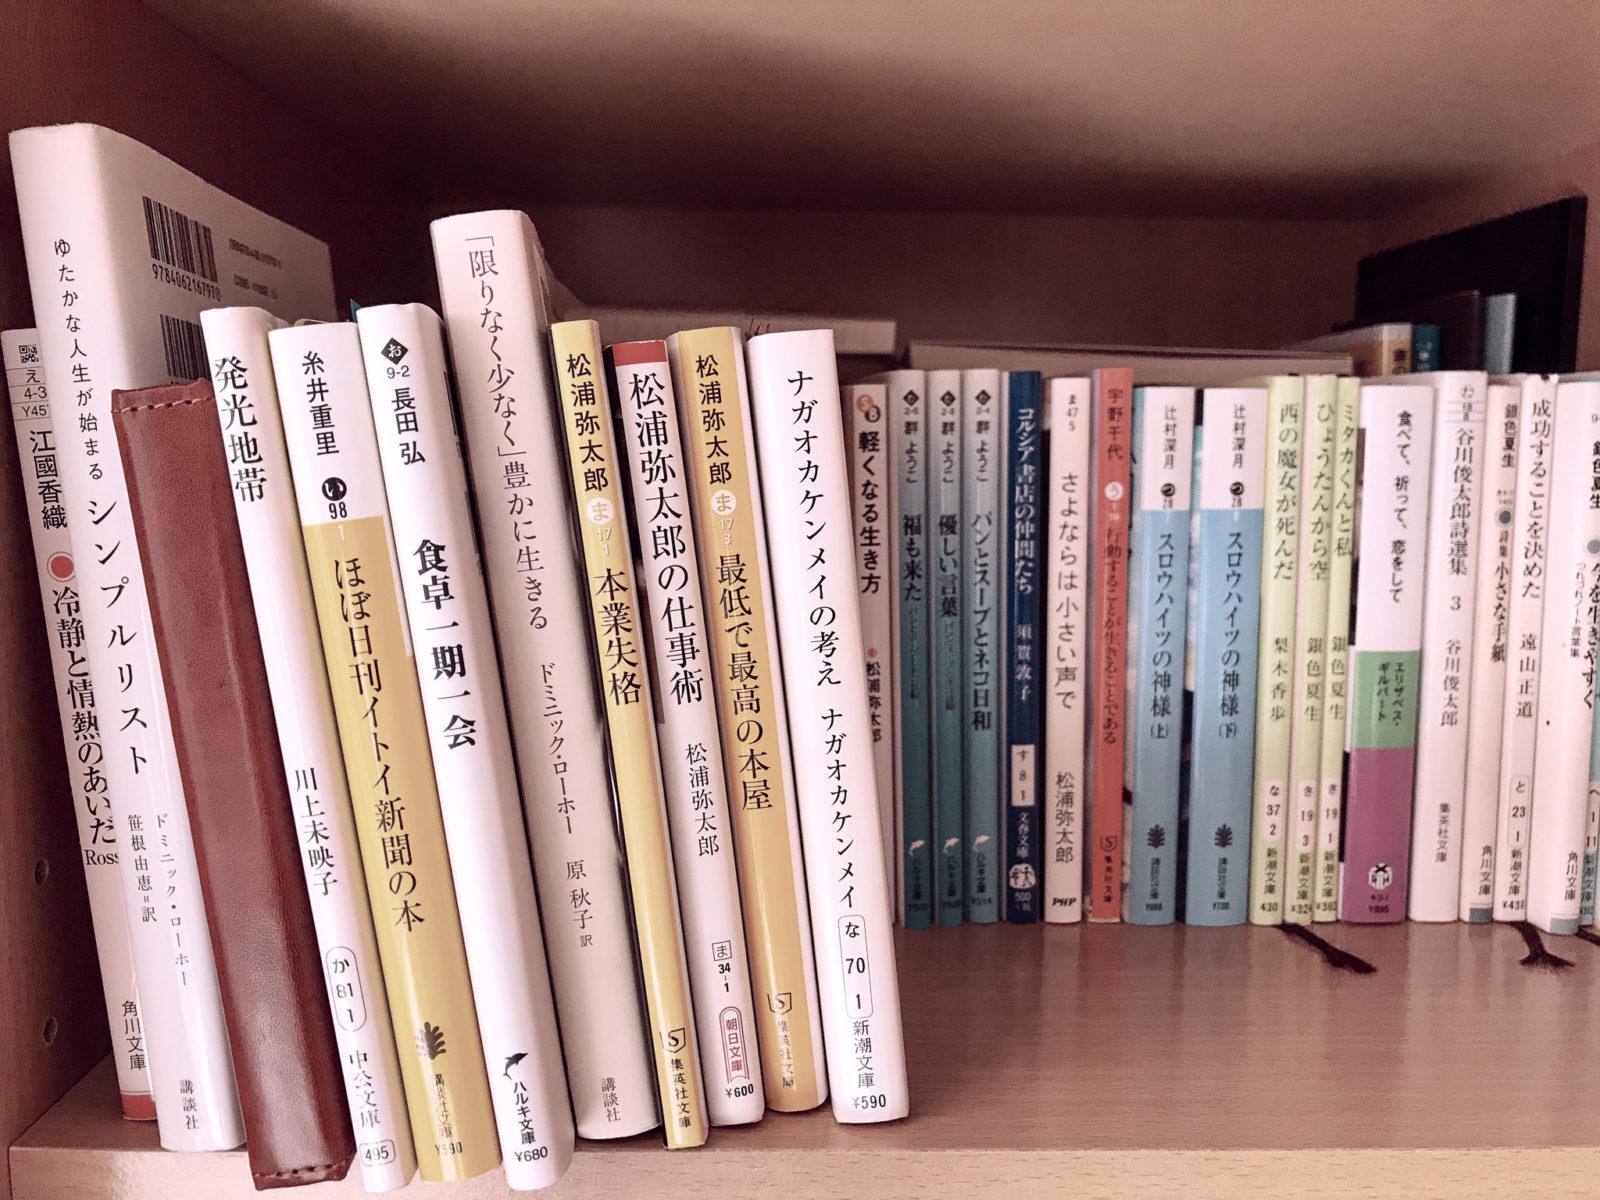 【読みっぱなしバイバイ】地味だけど最高に心地いい小説の活かし方